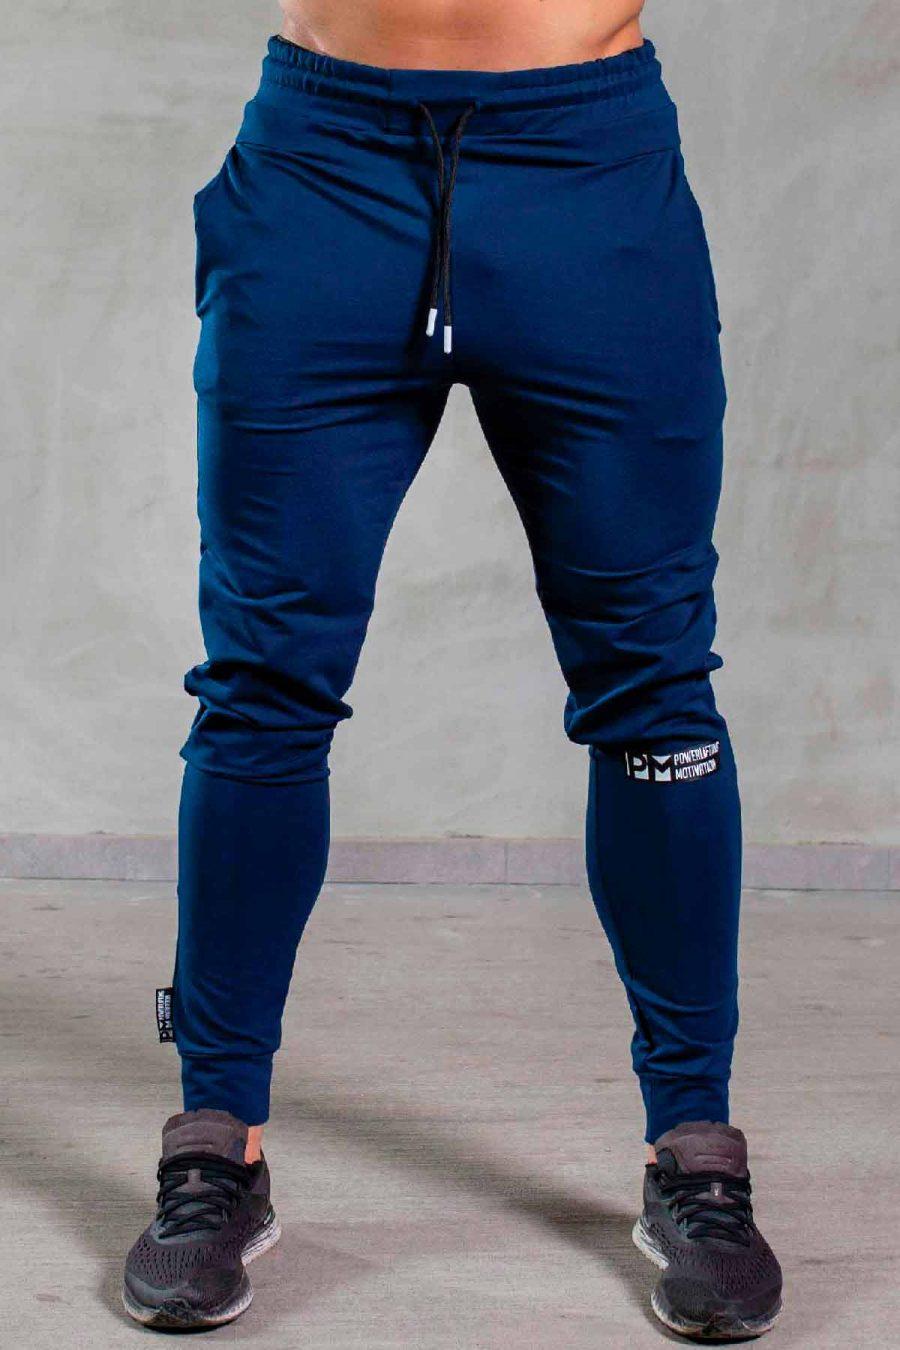 PM ESSENTIALS BLUE TRACK SUIT PANTS